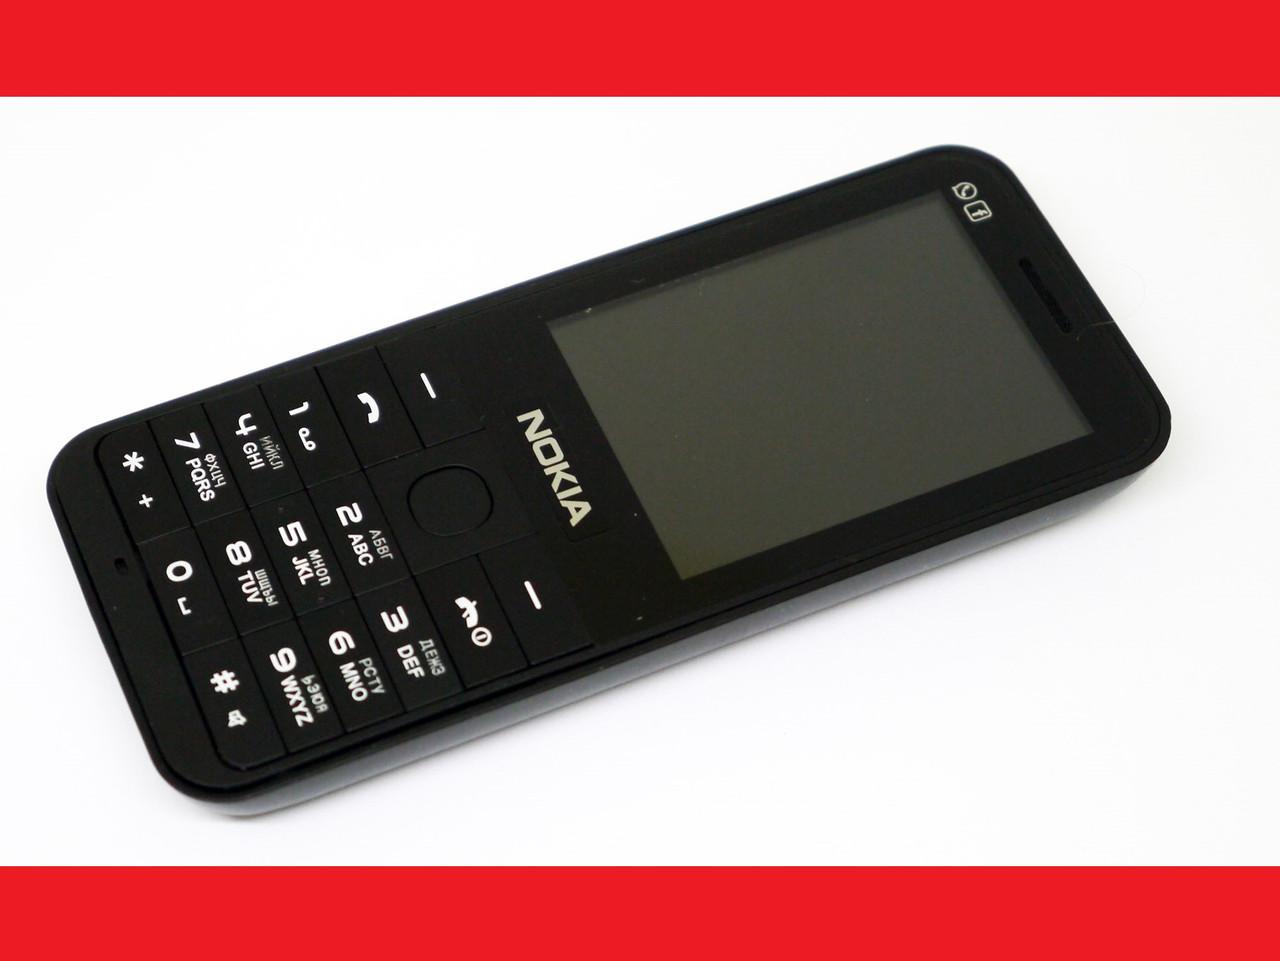 Телефон Nokia 220 Черный - 2Sim + Camera + FM, фото 1